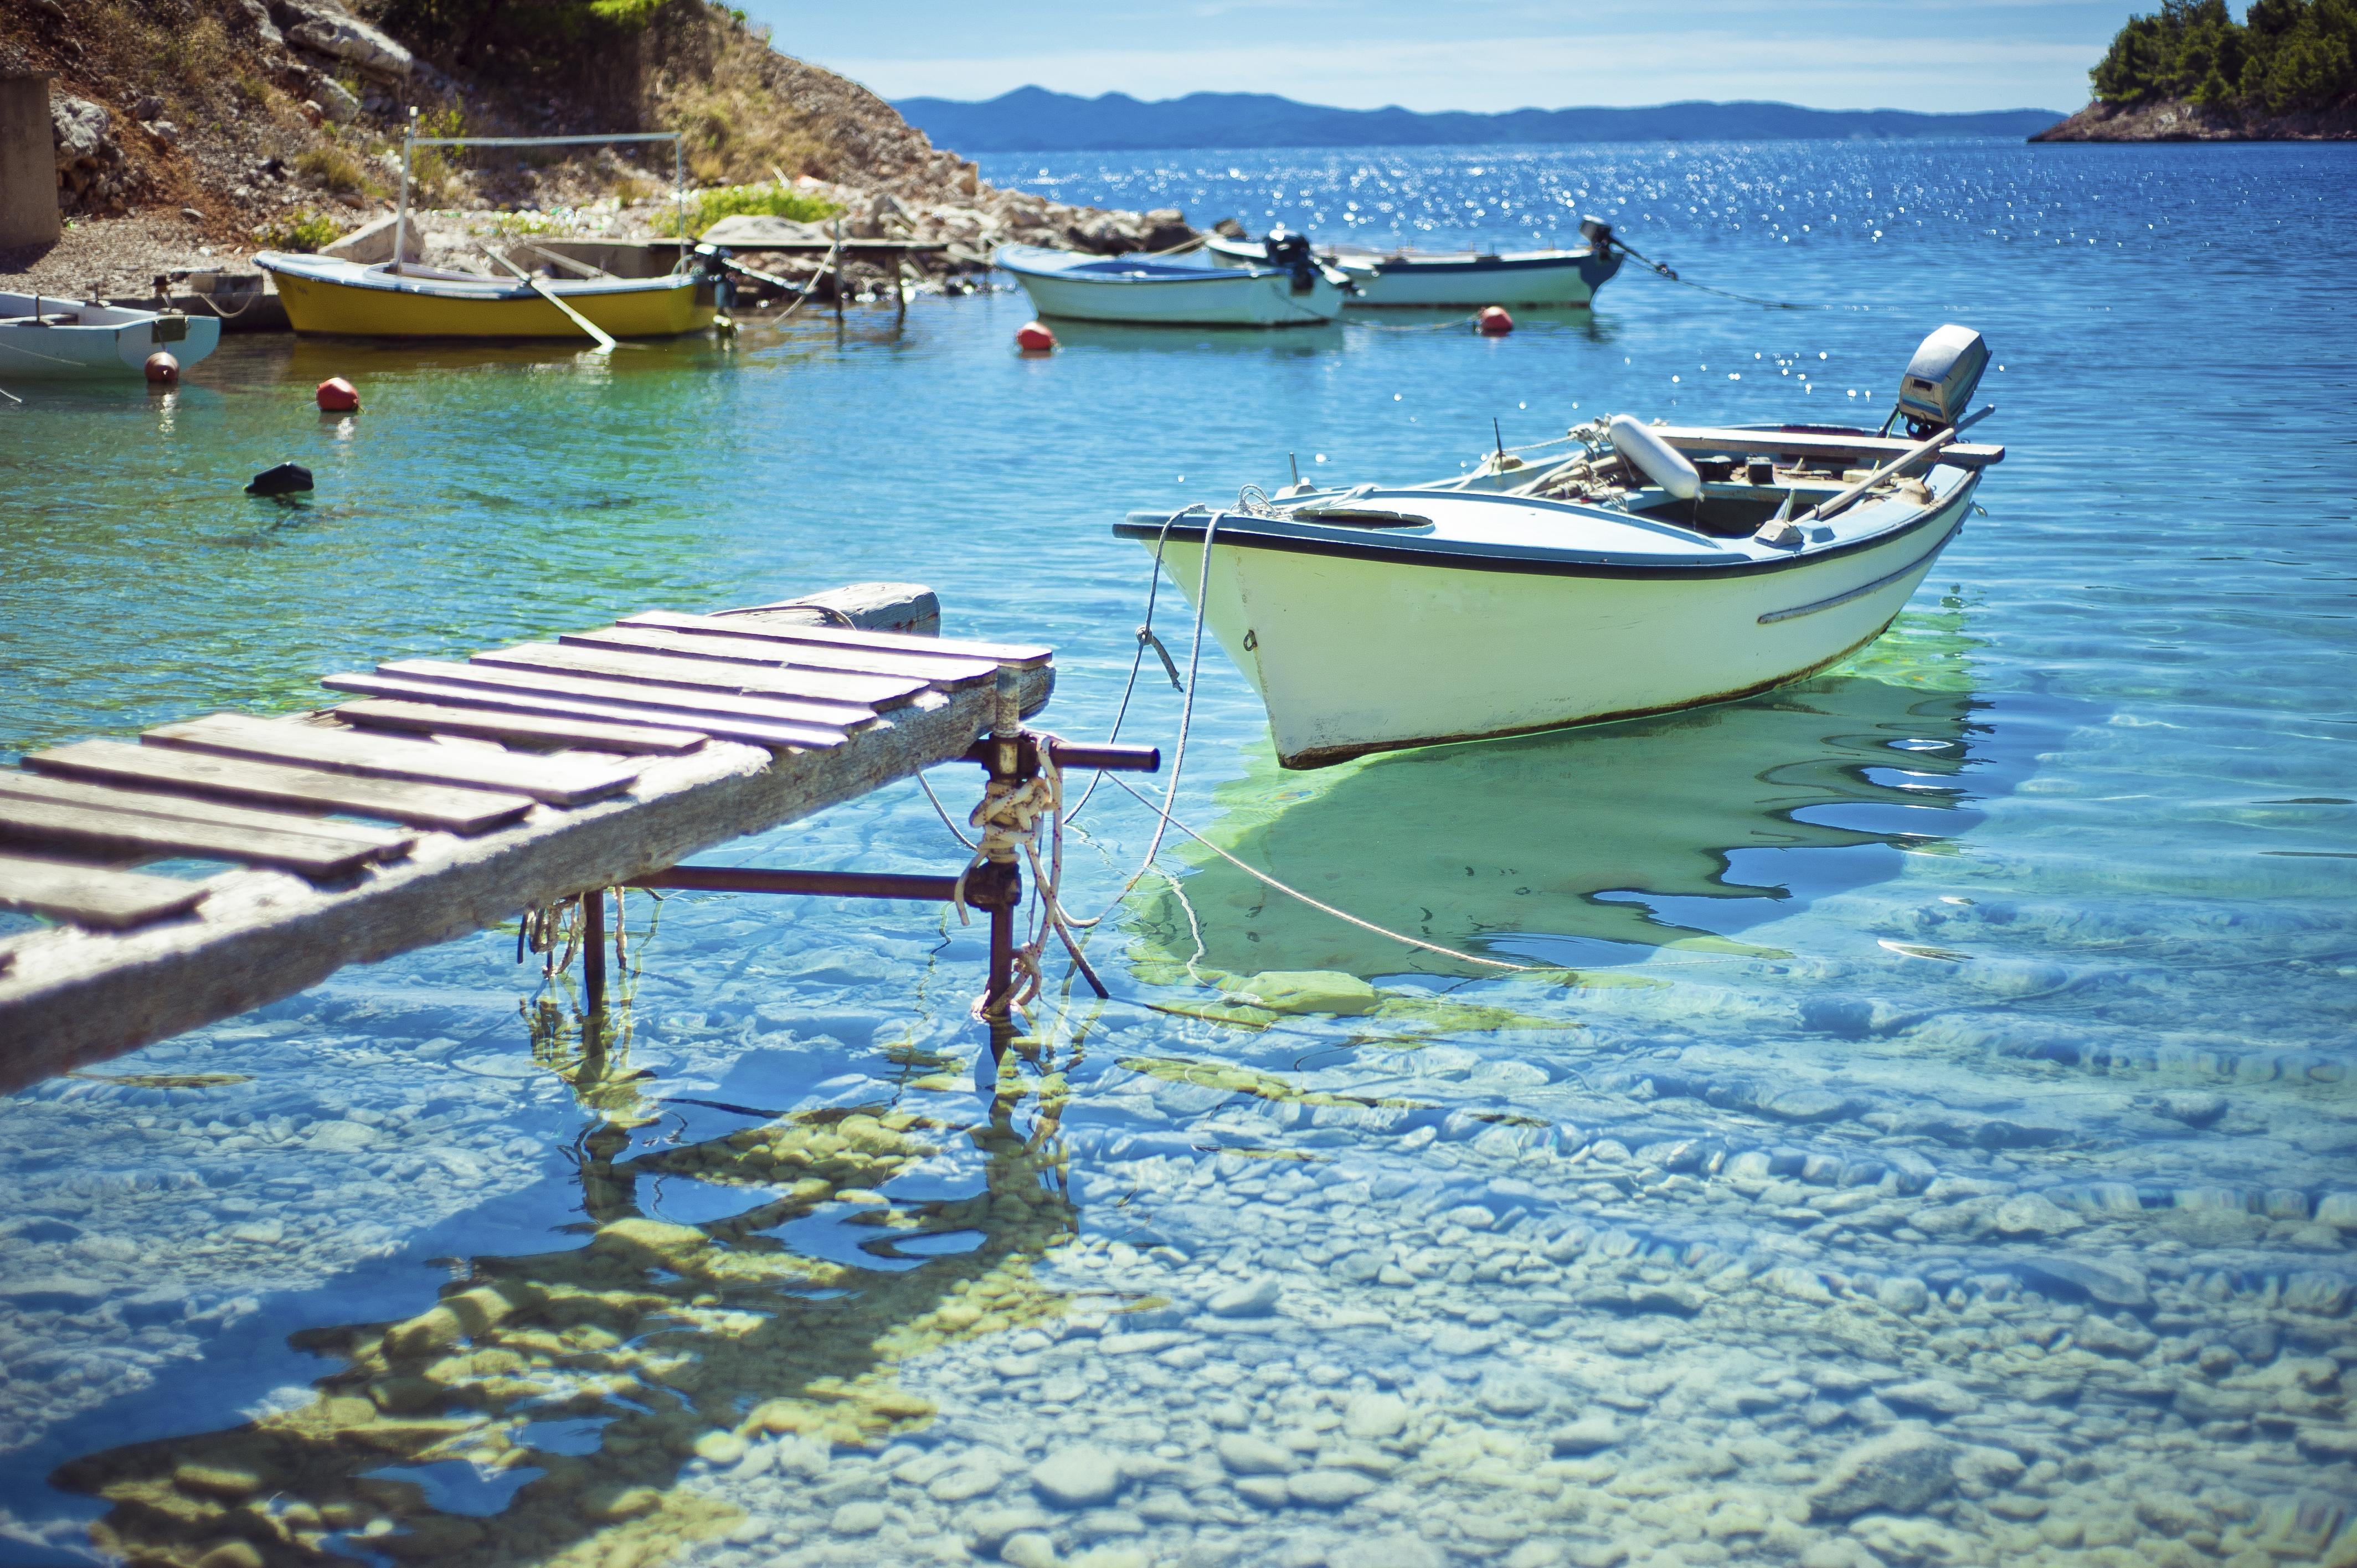 652f8860a8 Les destinations où partir pas cher en vacances d'été | Skyscanner France